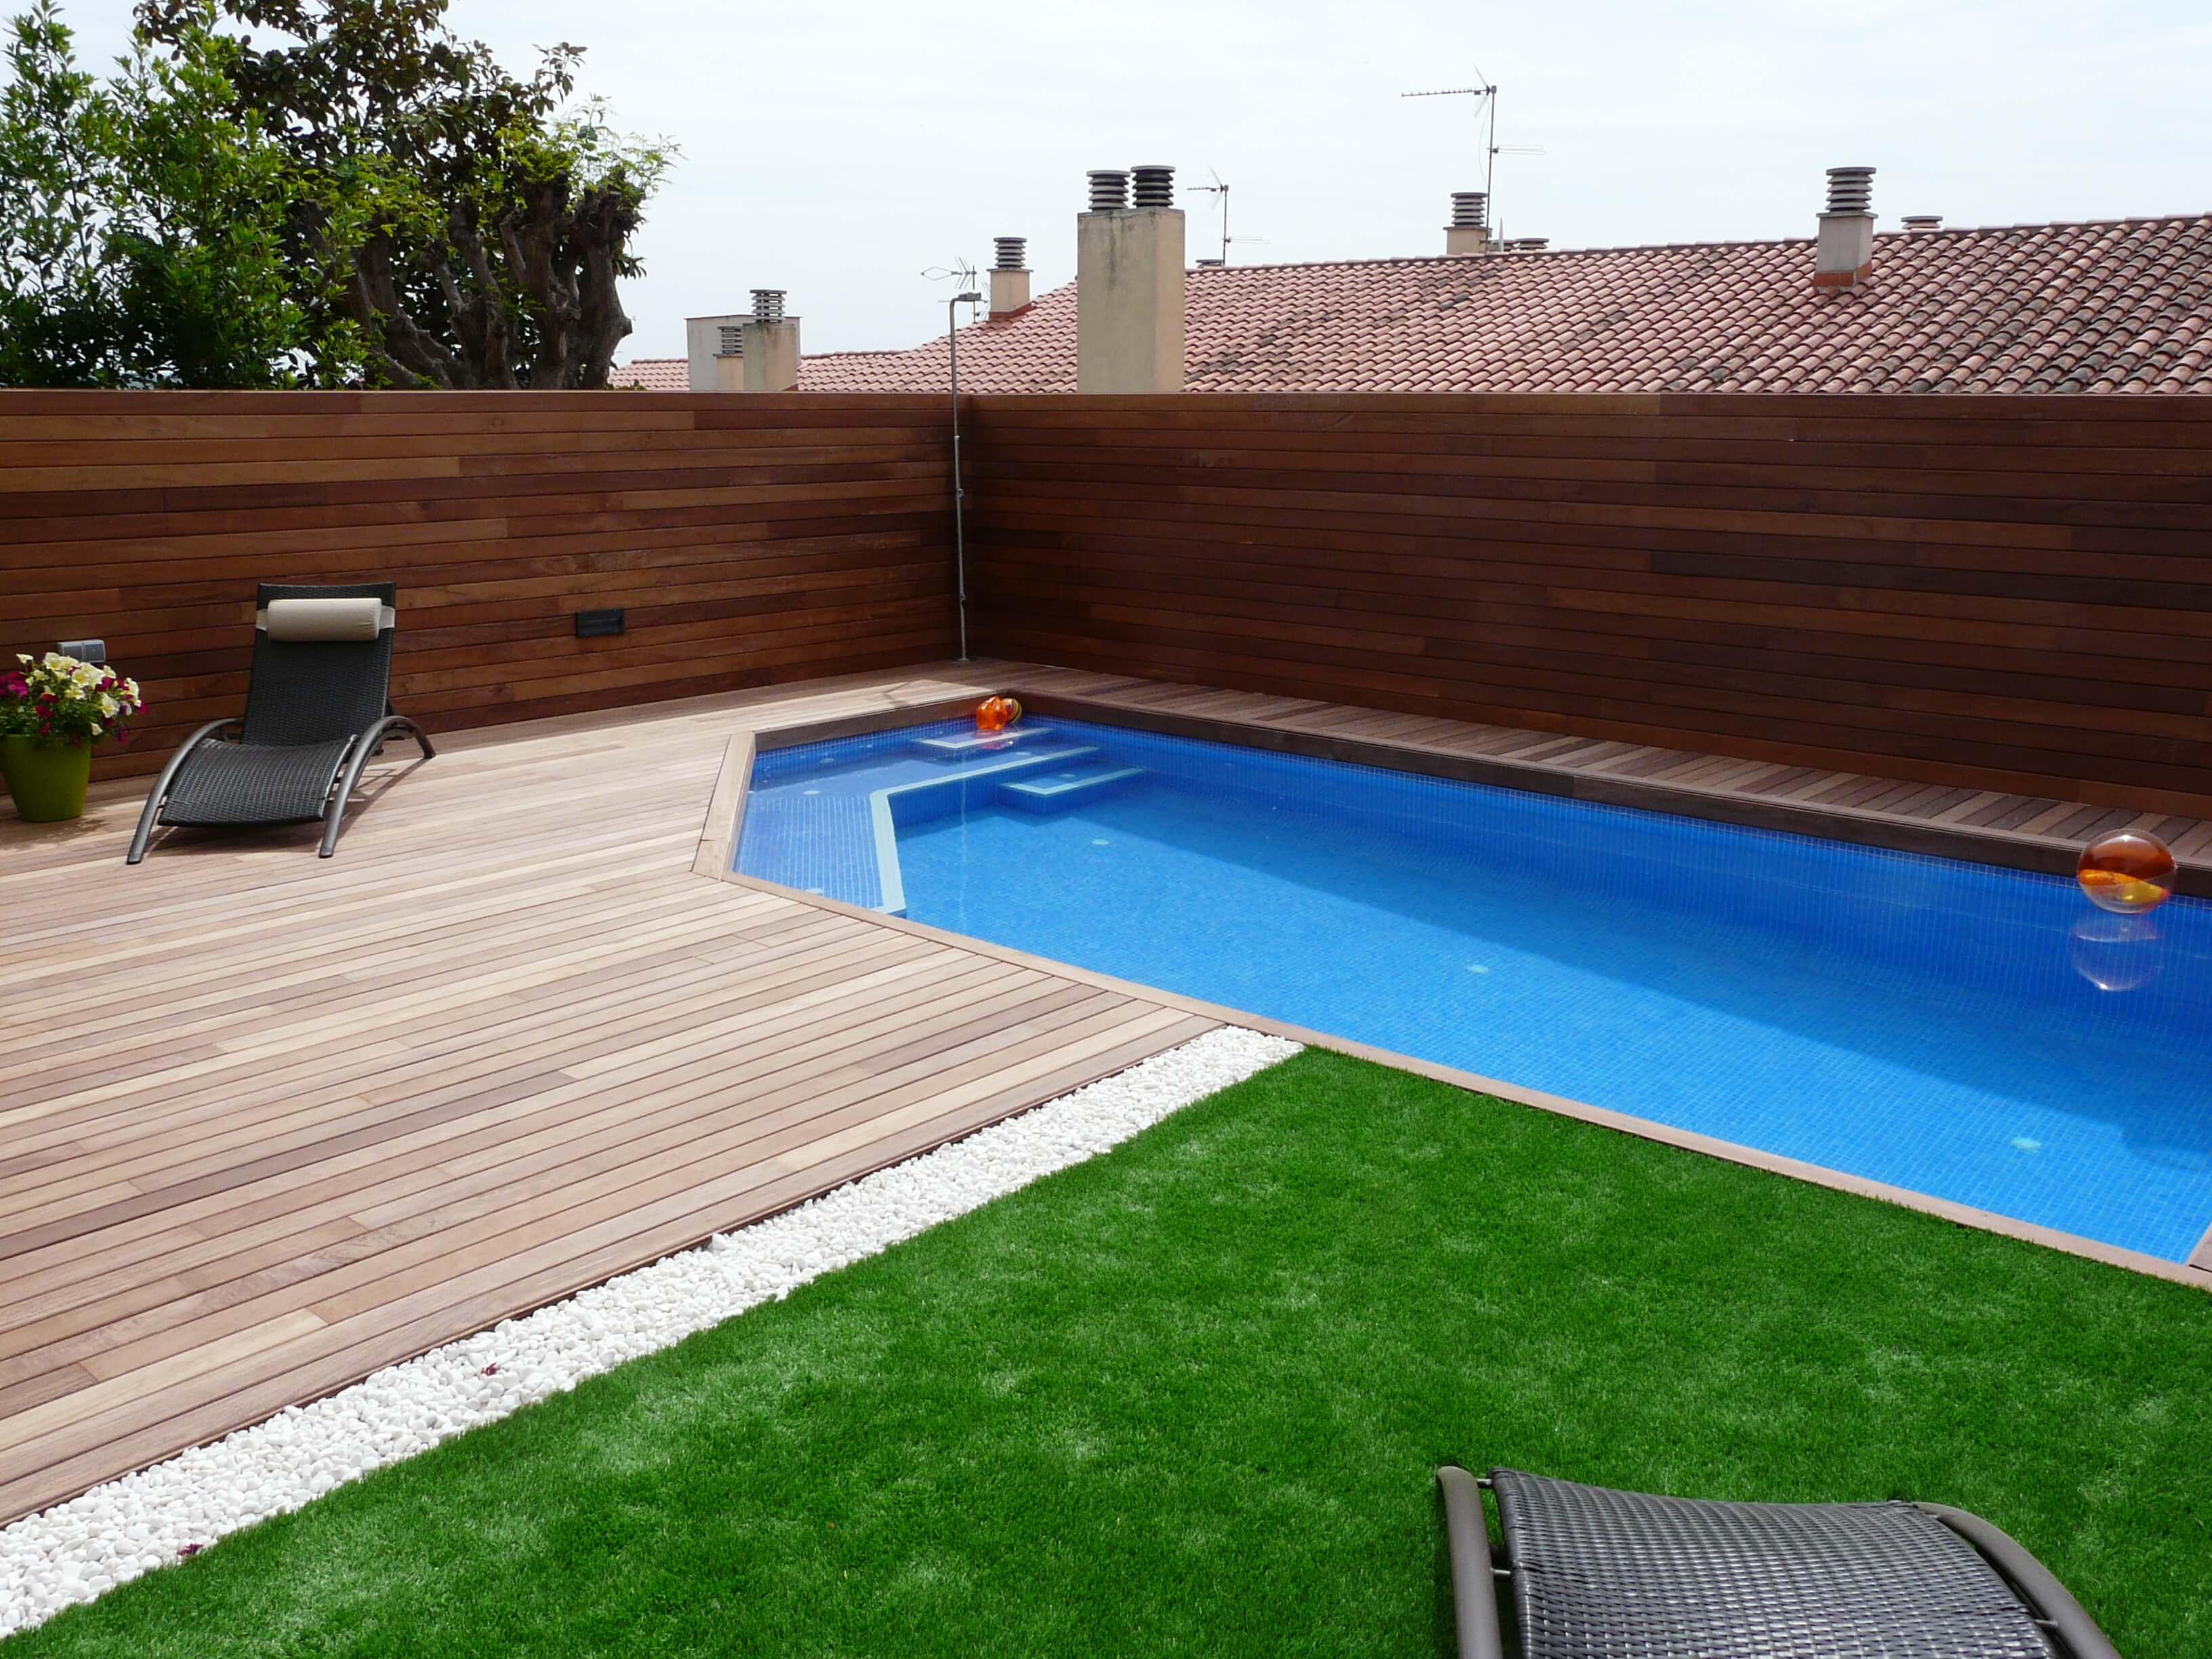 piscina-obra-after-1